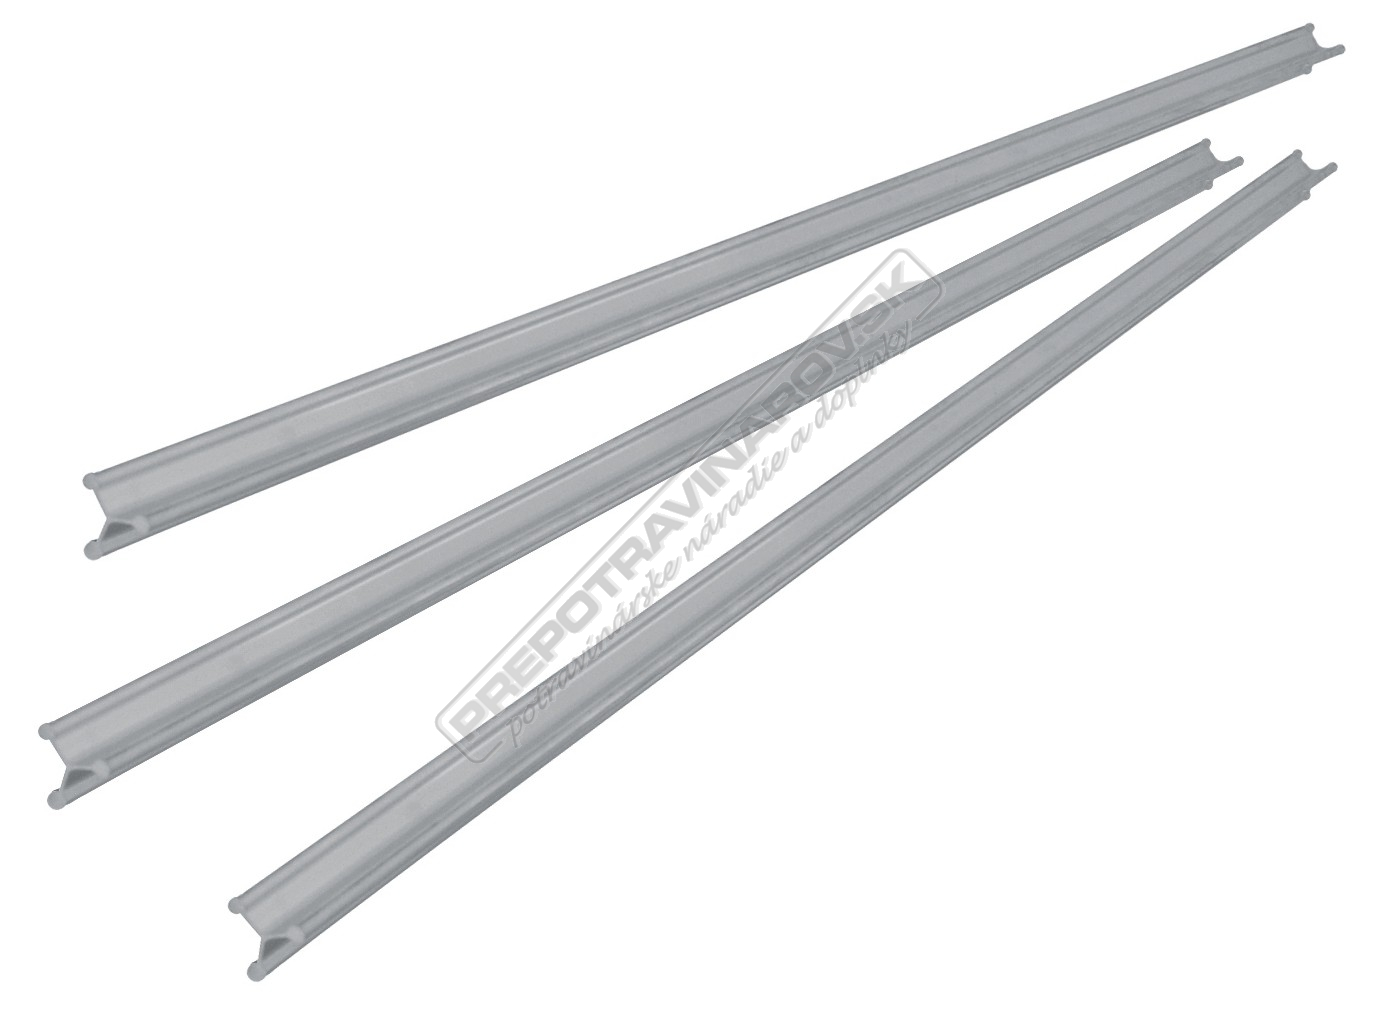 Udenárska palica hliníková